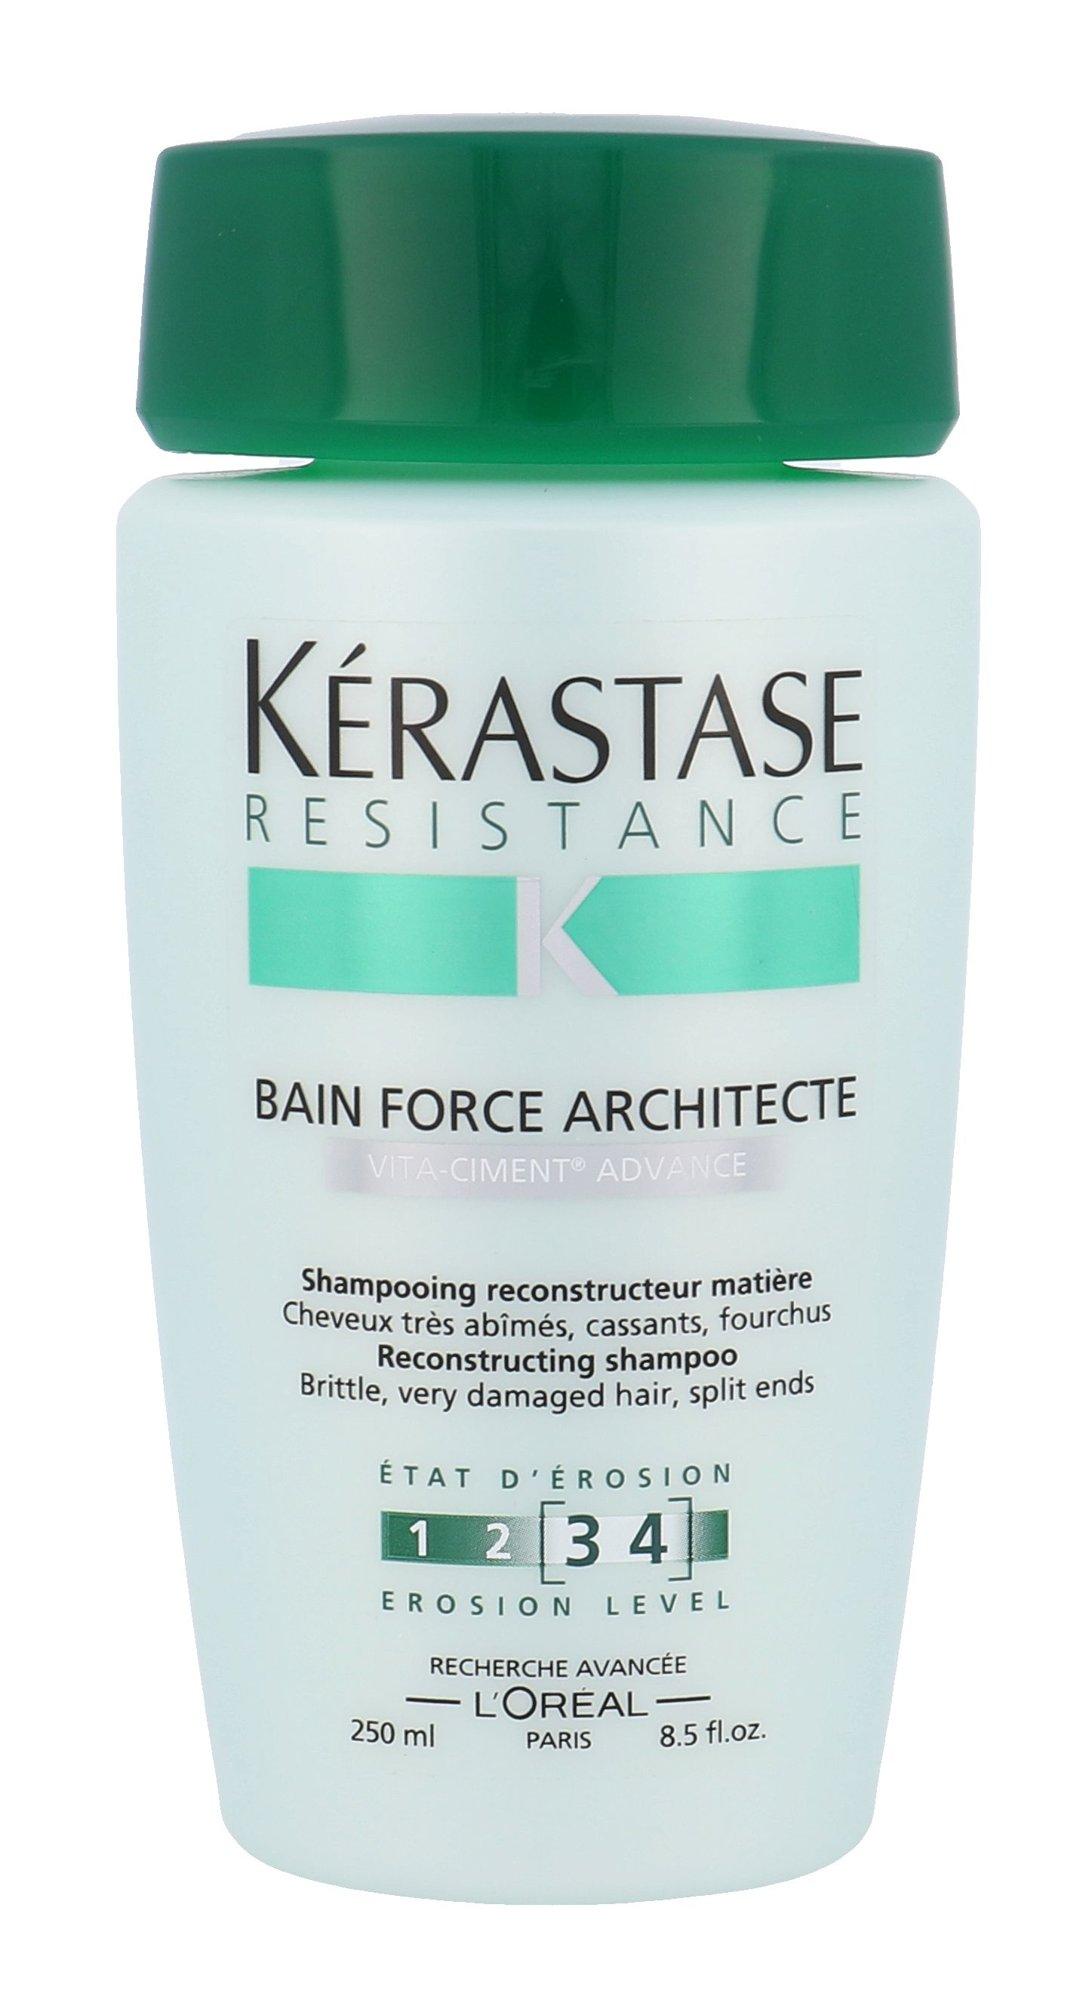 Kérastase Résistance Cosmetic 250ml